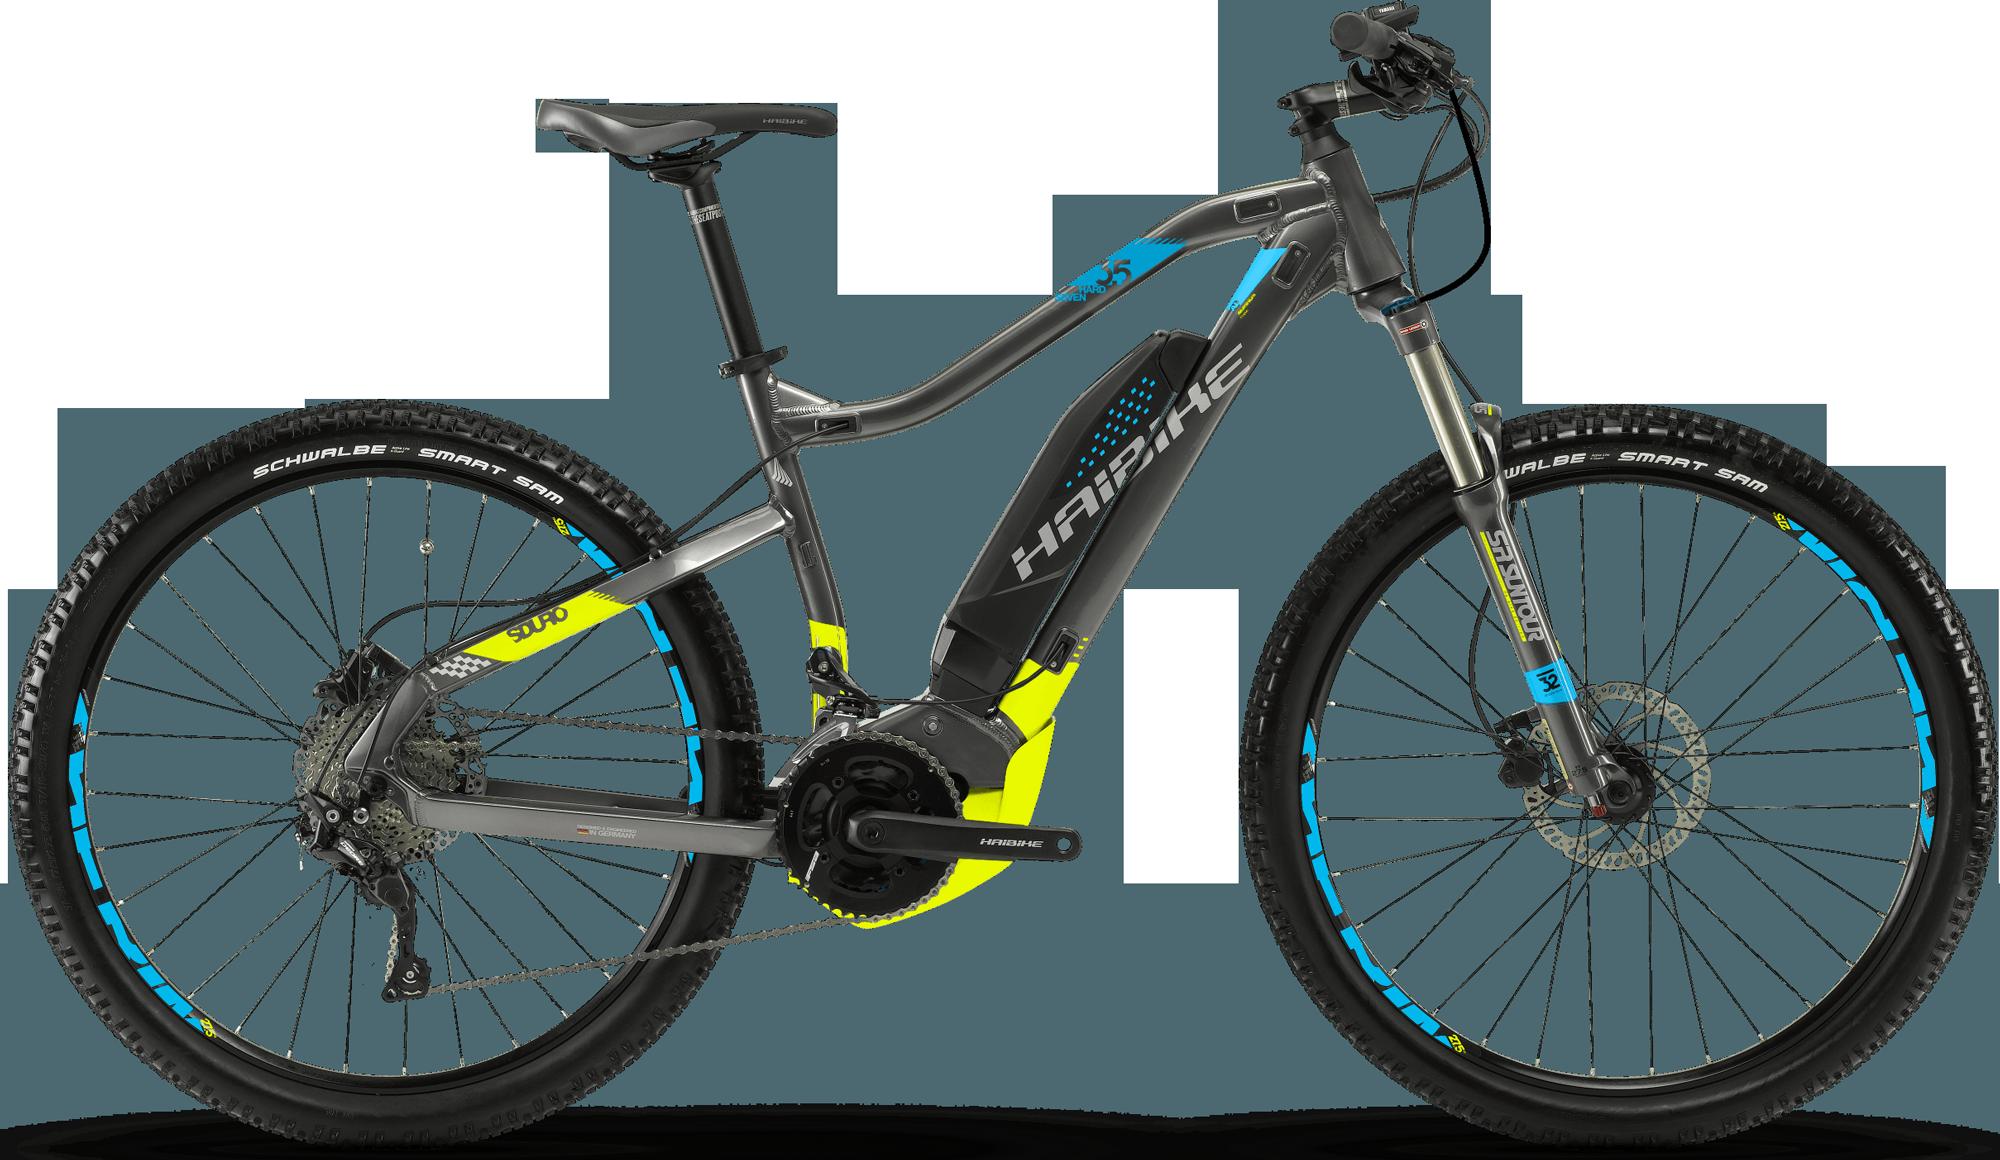 haibike sduro hardseven 3 5 gebraucht e mountainbike gebraucht online kaufen bei sport. Black Bedroom Furniture Sets. Home Design Ideas